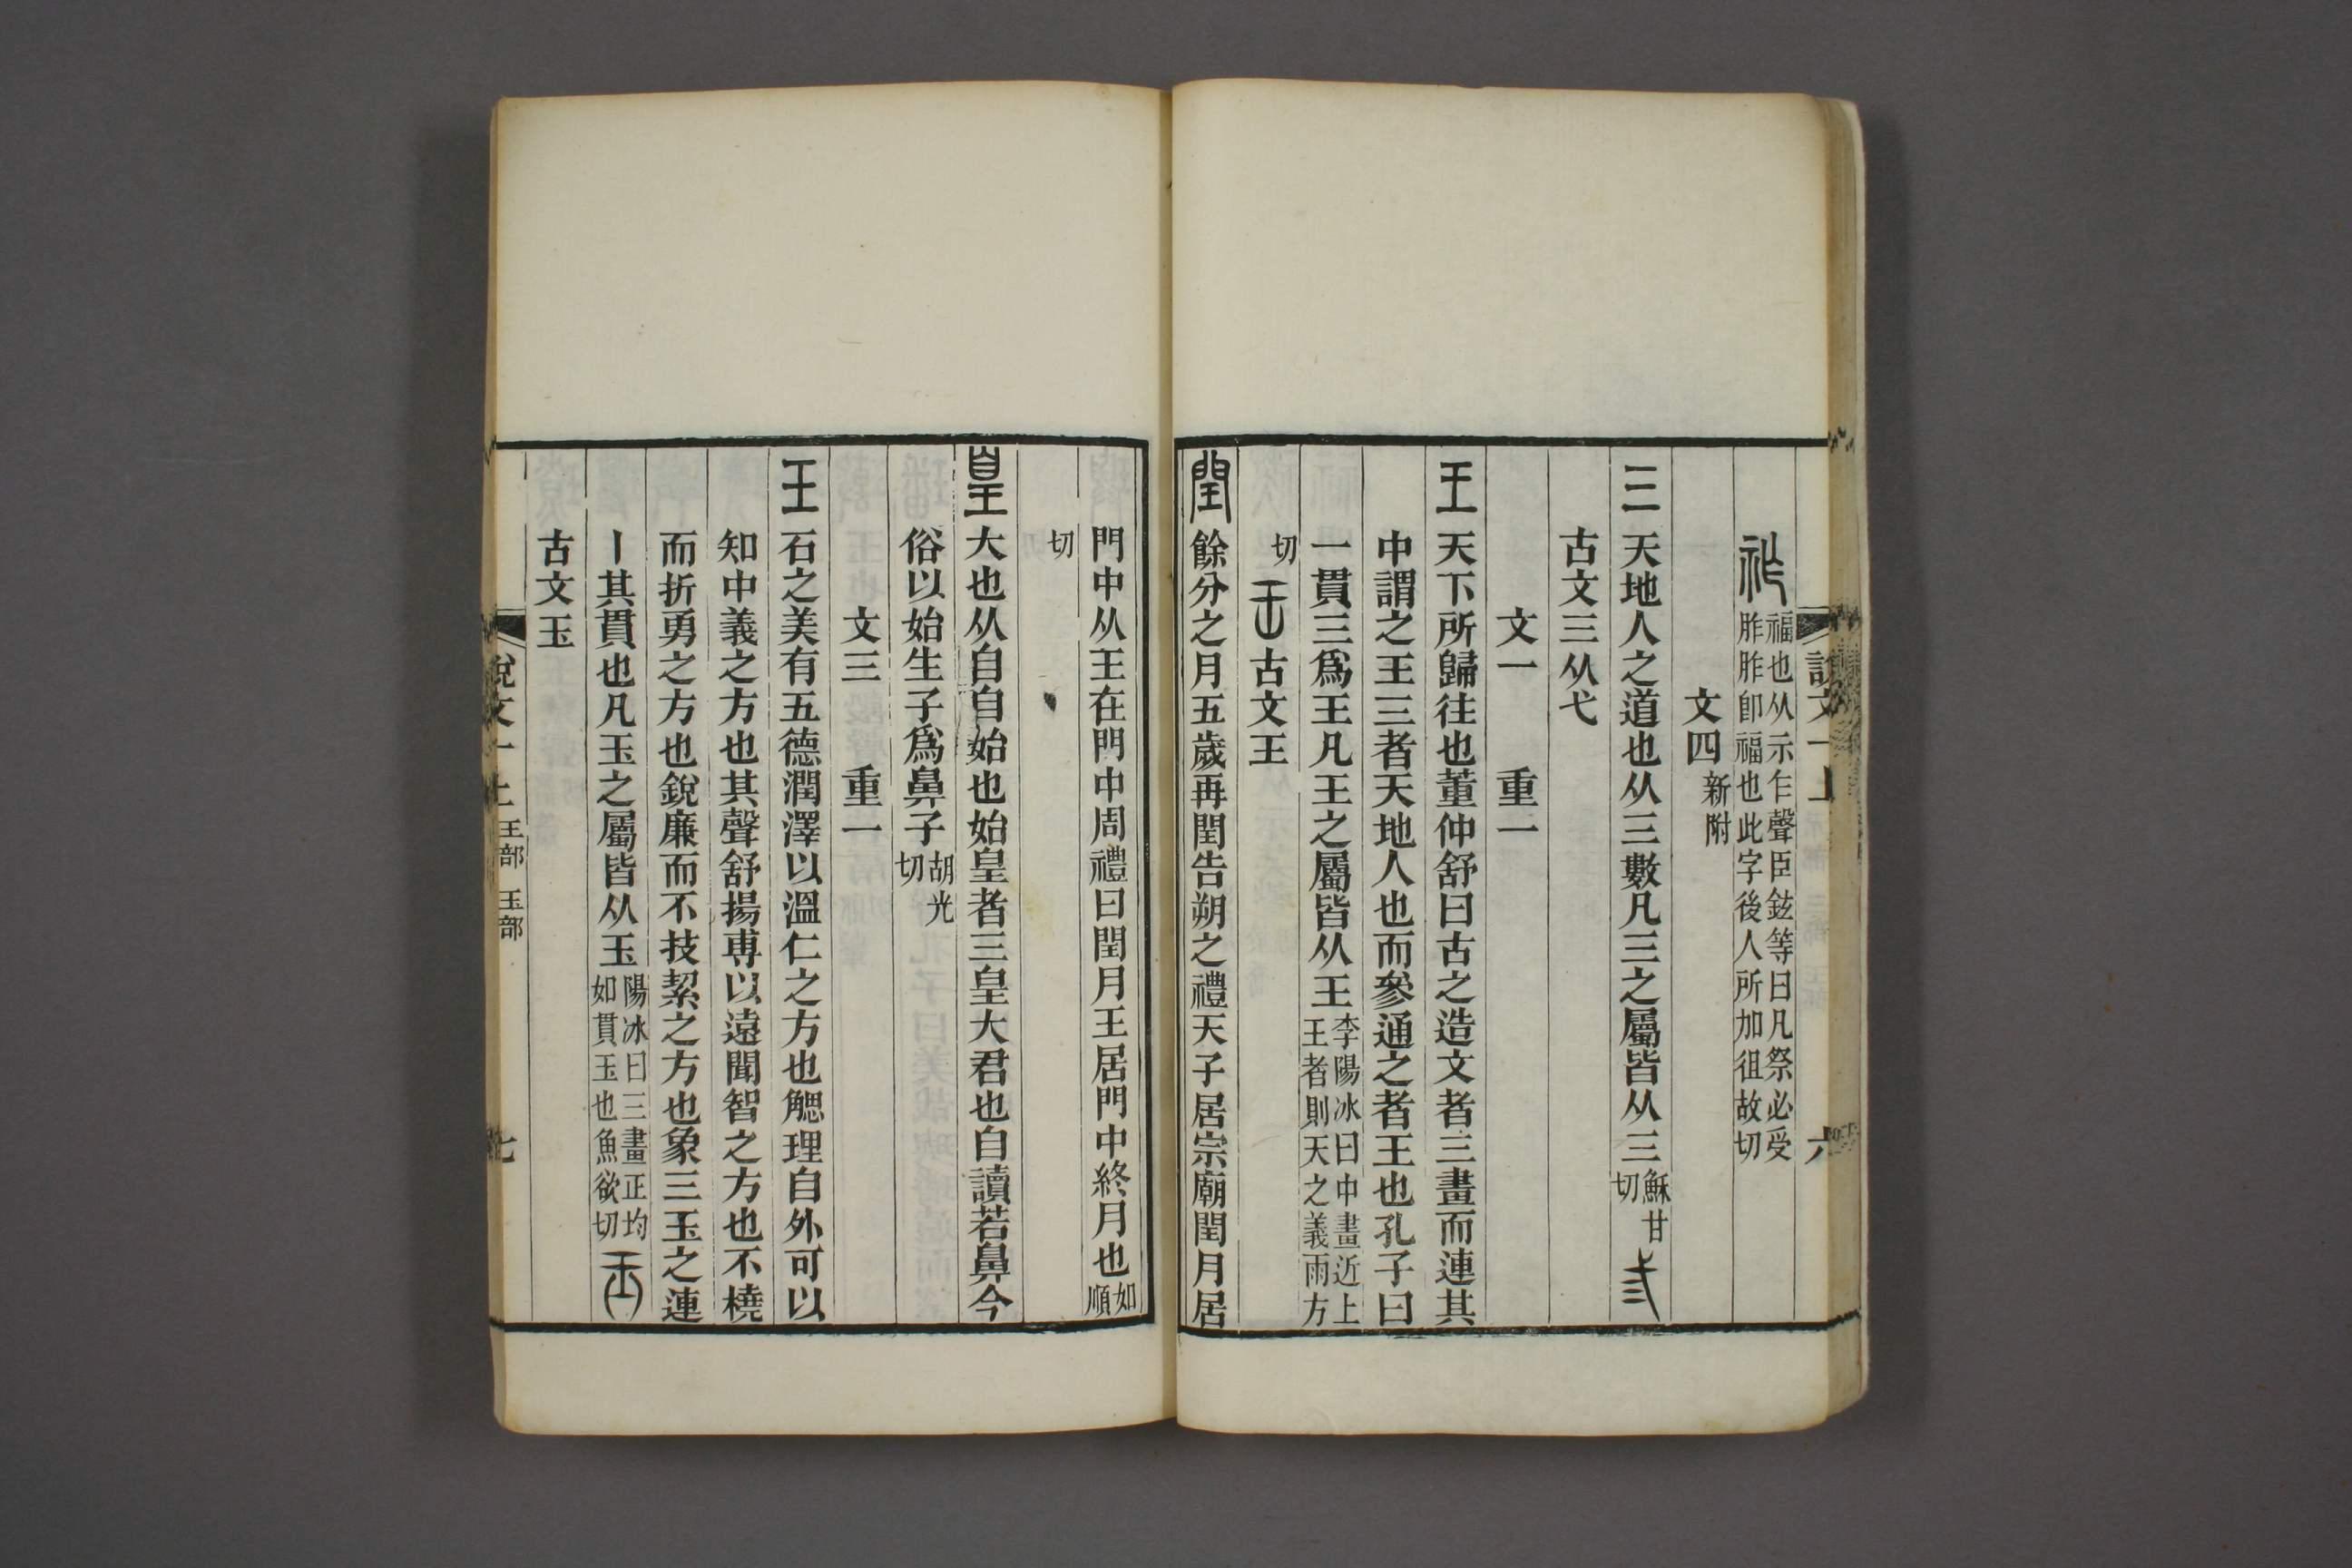 暦Wiki/閏 - 国立天文台暦計算室